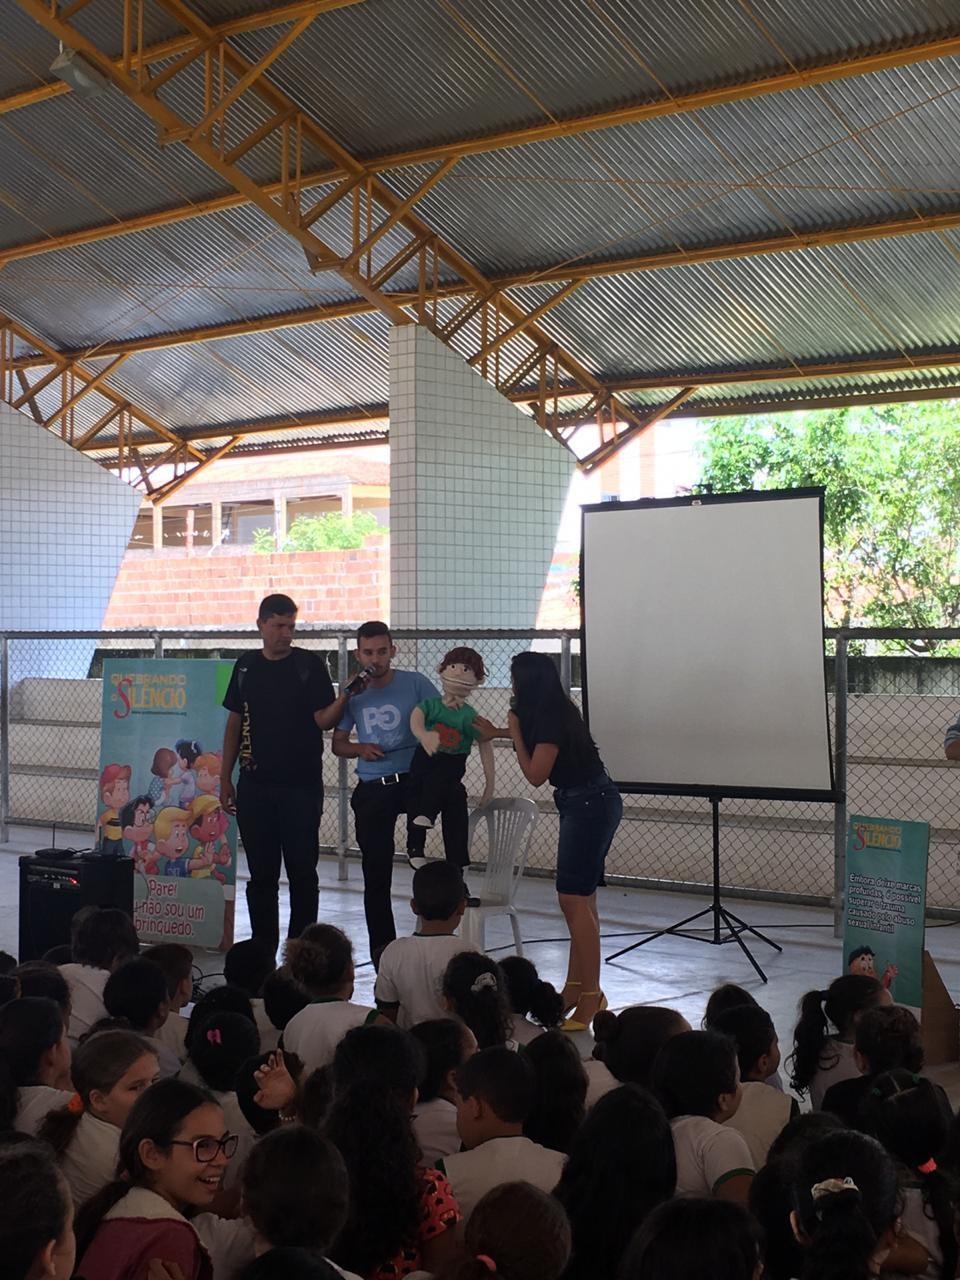 Campanha 'Quebrando o silêncio' é realizada em Caruaru - Notícias - Plantão Diário